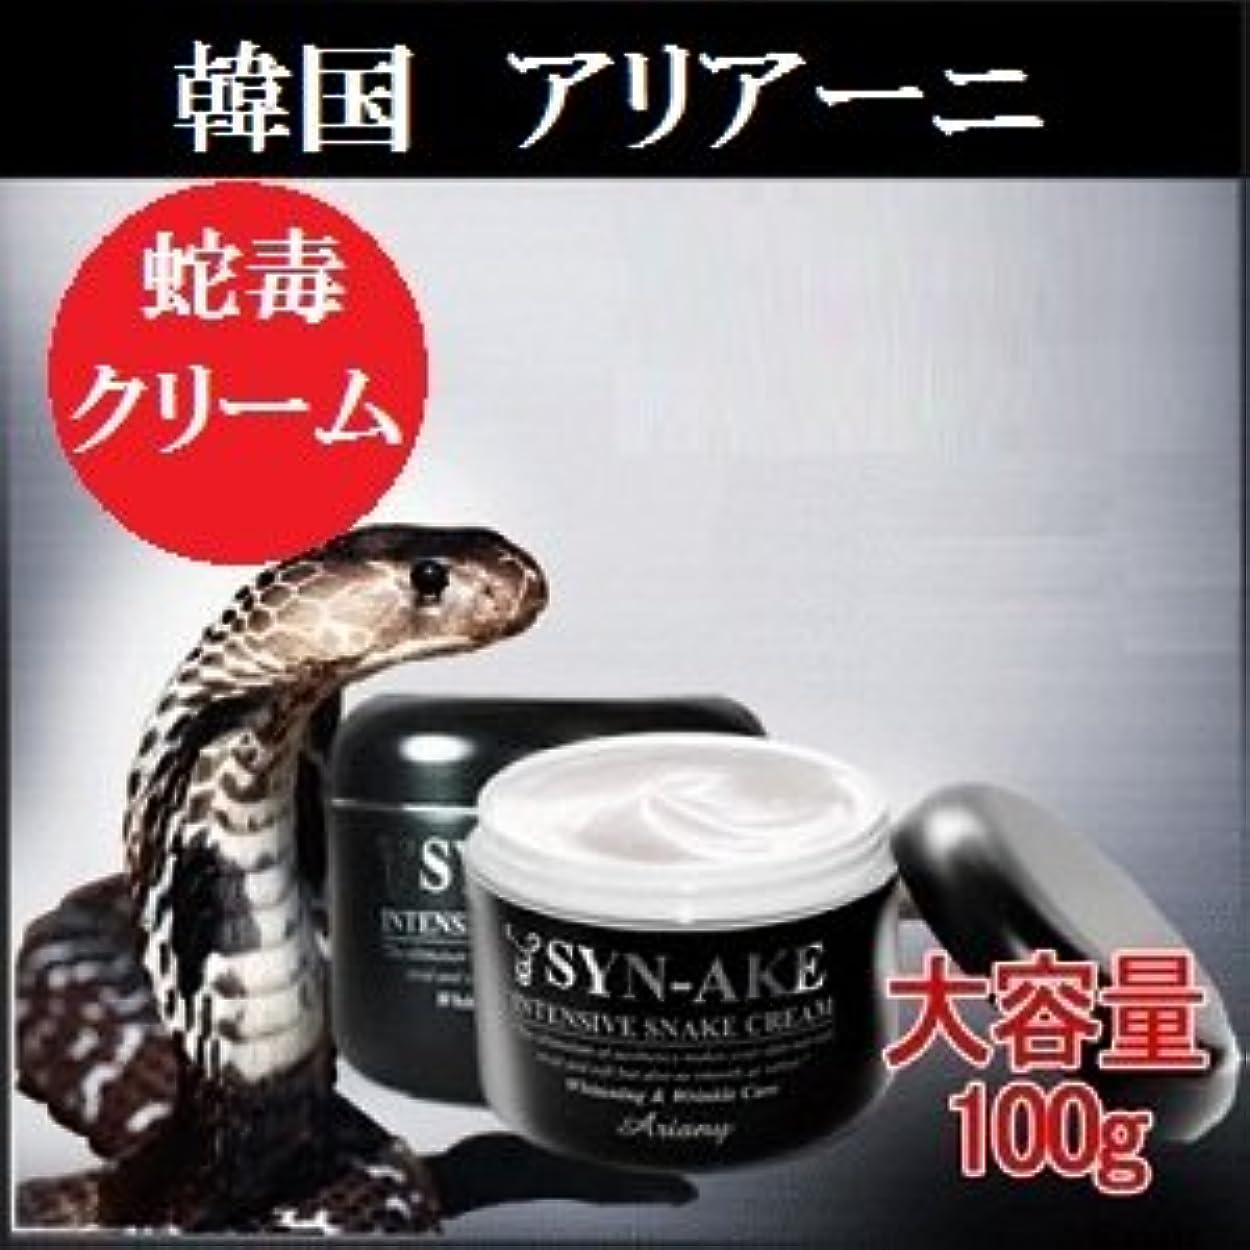 精査するダイアクリティカル慣れる韓国アリアー二 (Ariany) シンエイク 毒蛇クリーム